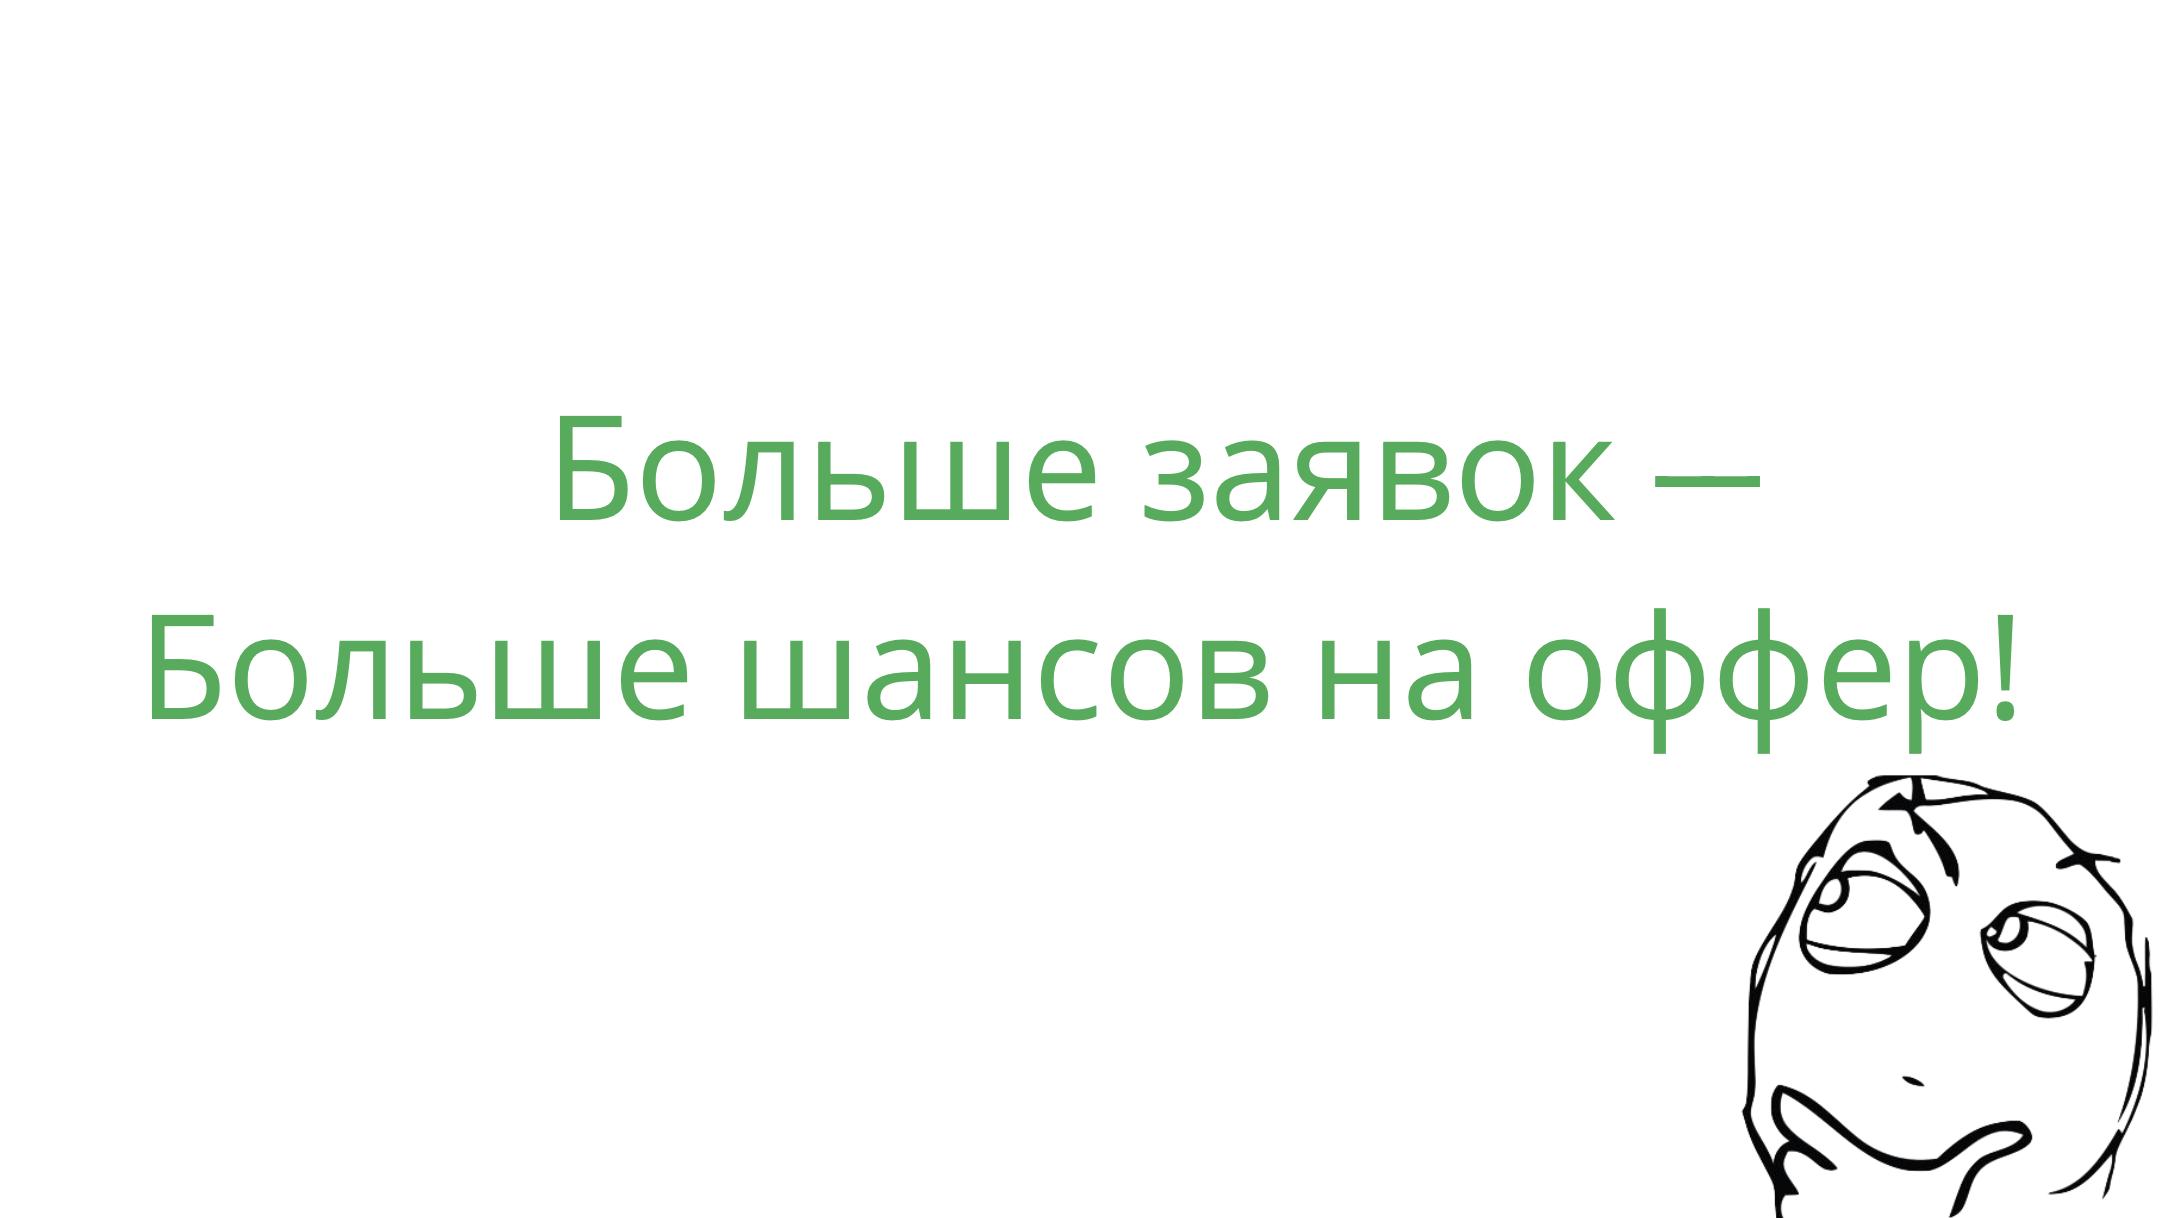 bnodwersgfzm3_7dqkrsuox1jdm.png